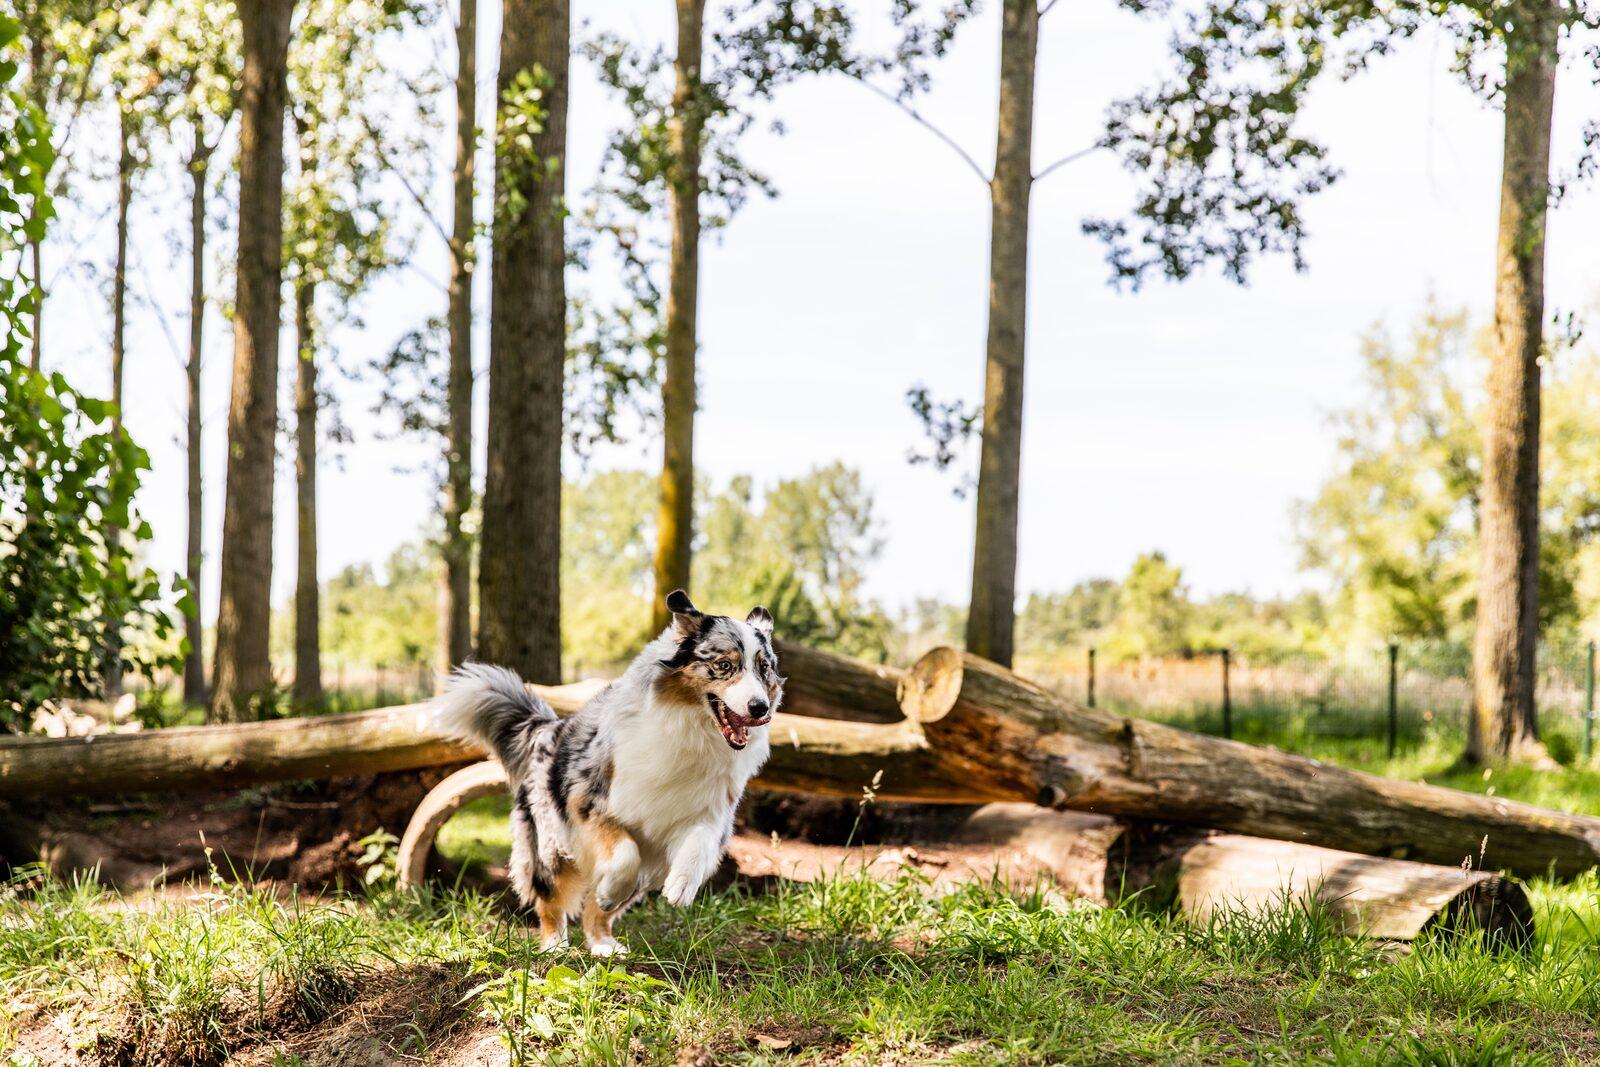 Ferienhaus in Süd-Limburg mit Hund